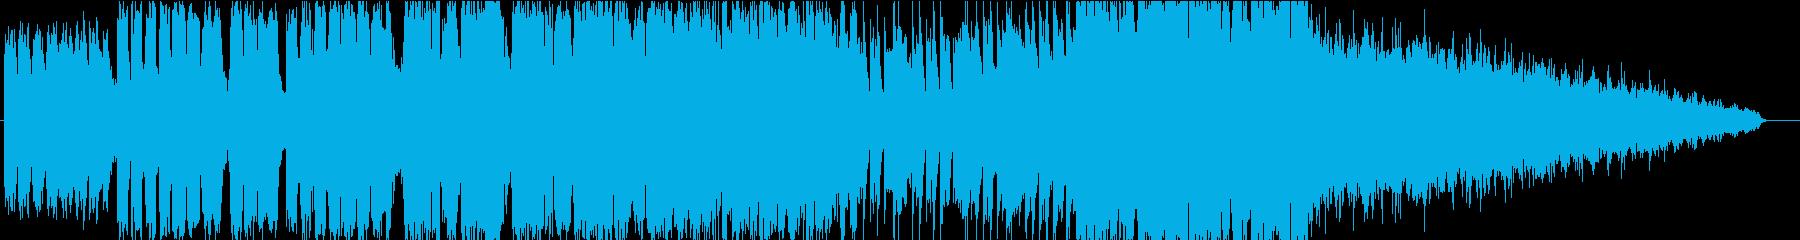 ストリングスを使用した壮大なファンタジーの再生済みの波形